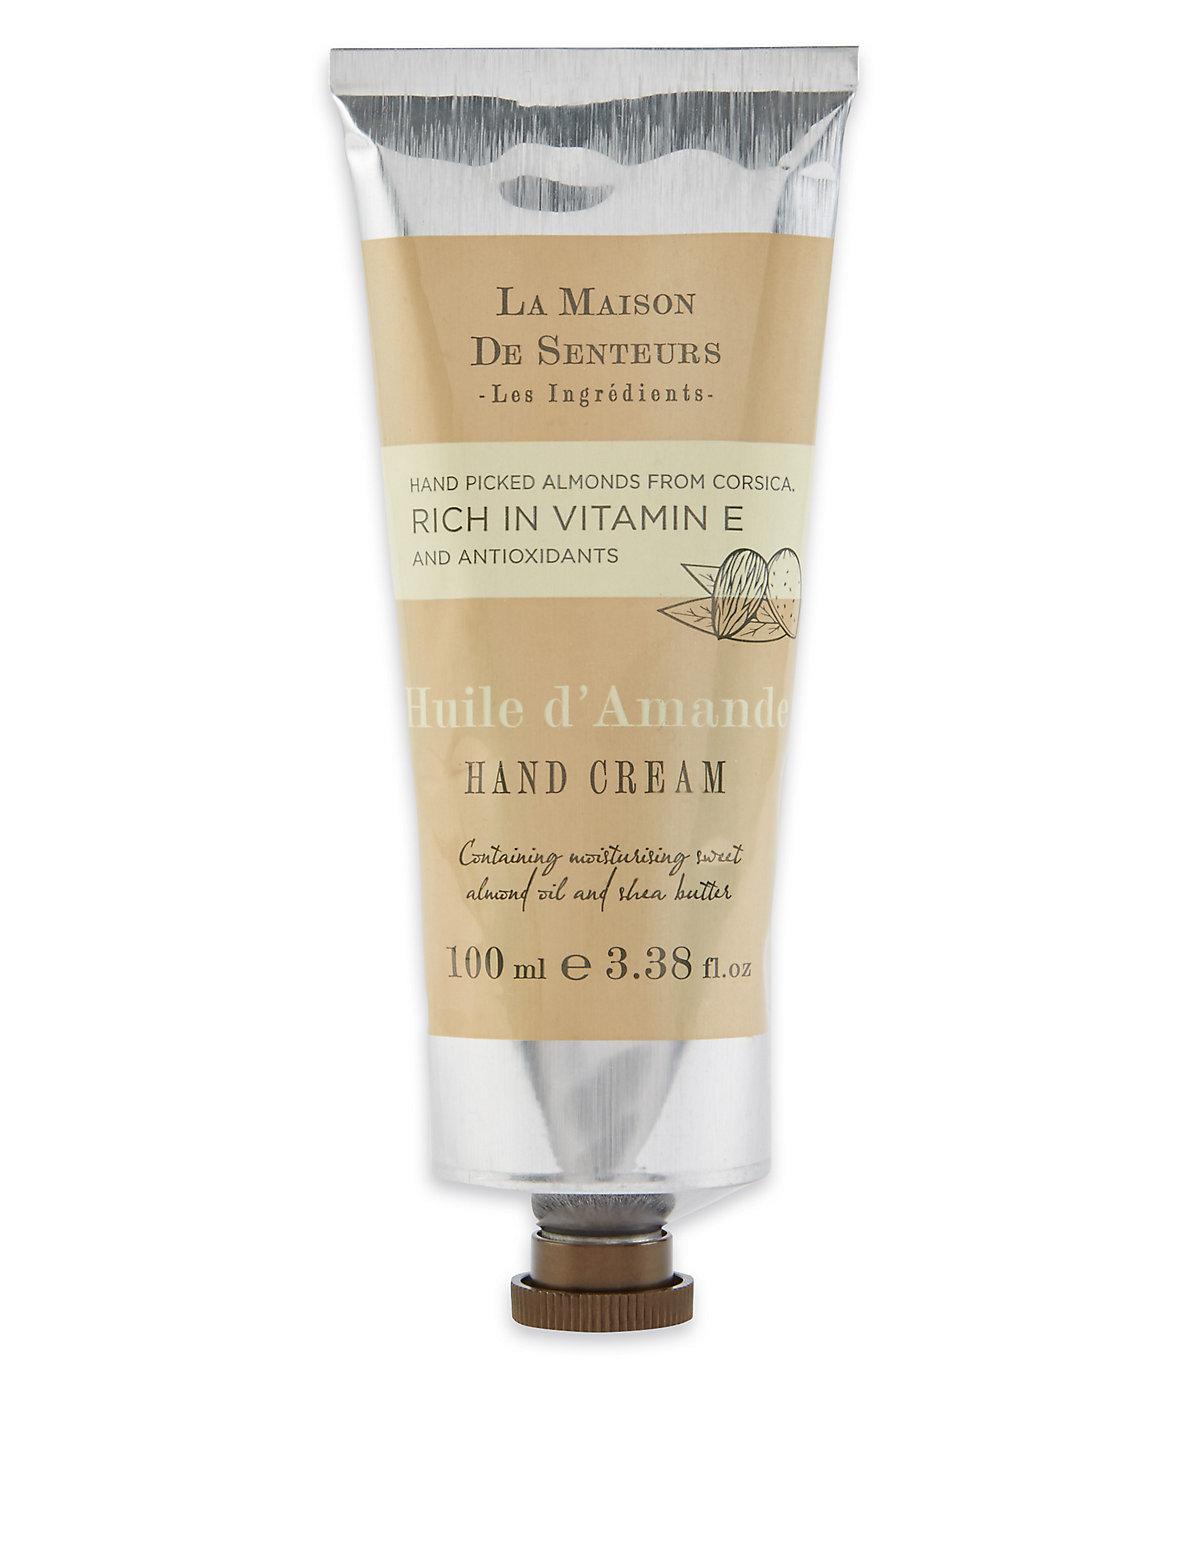 La Maison de Senteurs Almond Hand Cream 100ml